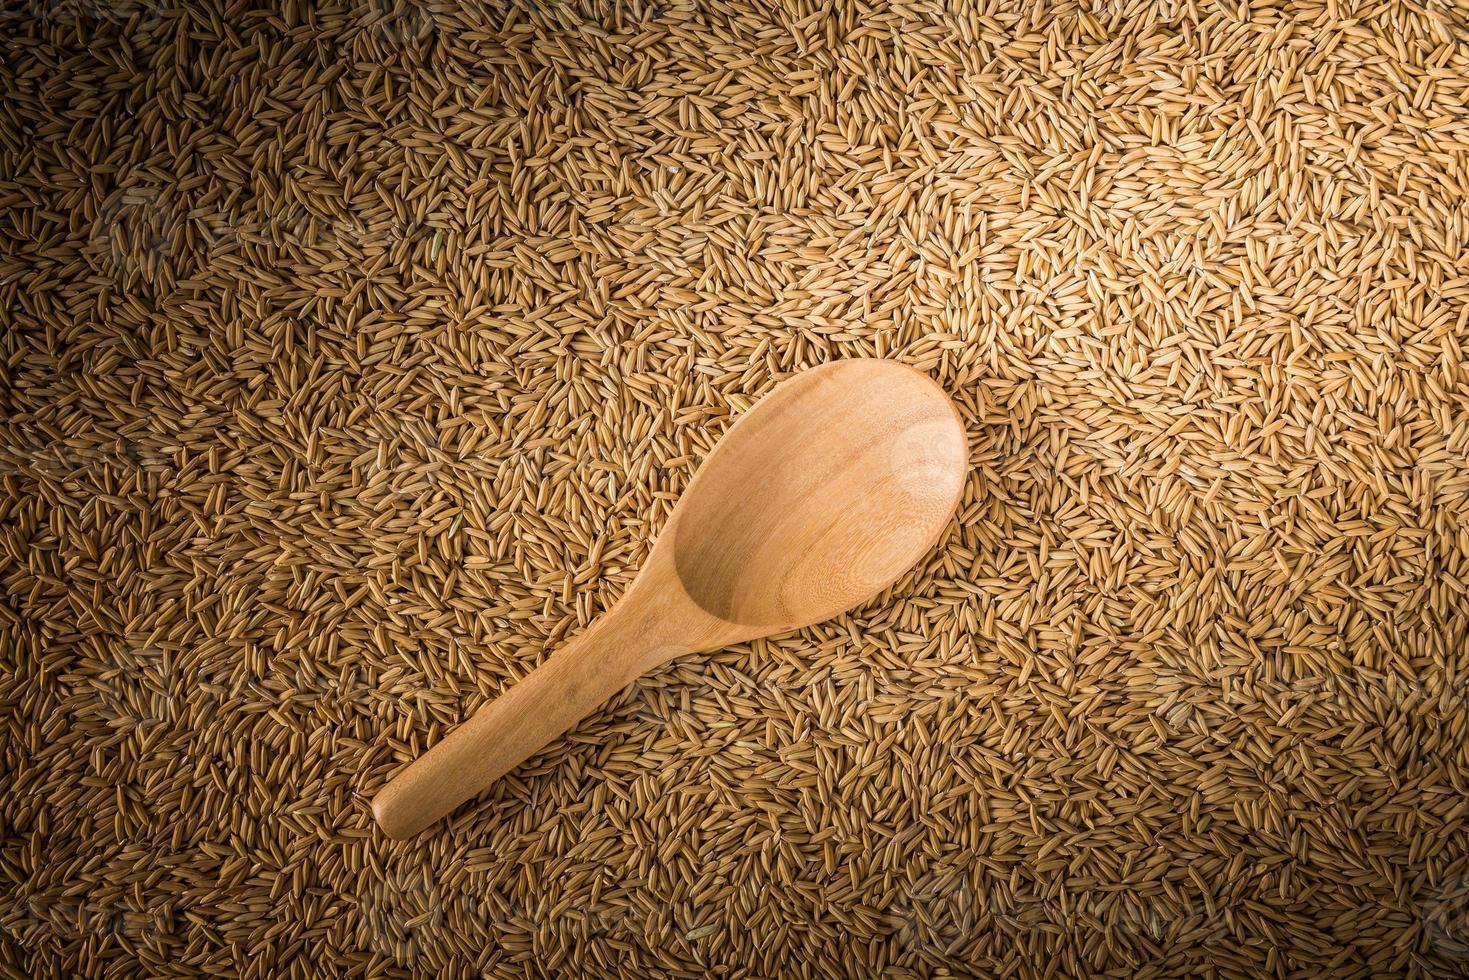 Louches en bois sur fond de riz paddy photo